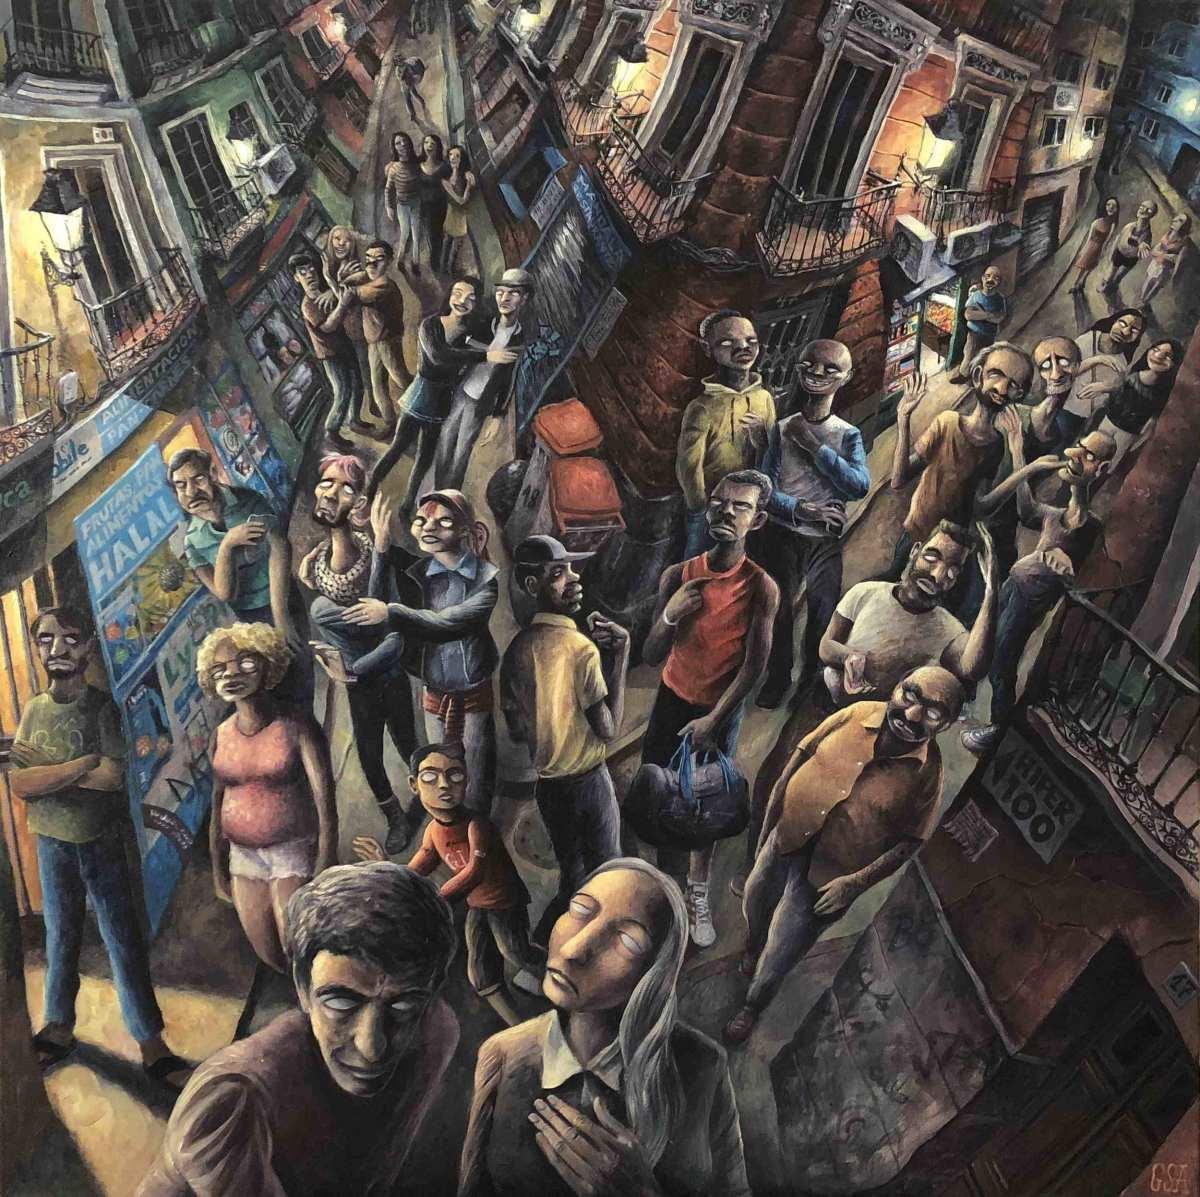 La sociedad bajo el prisma de Guillermo Serrano